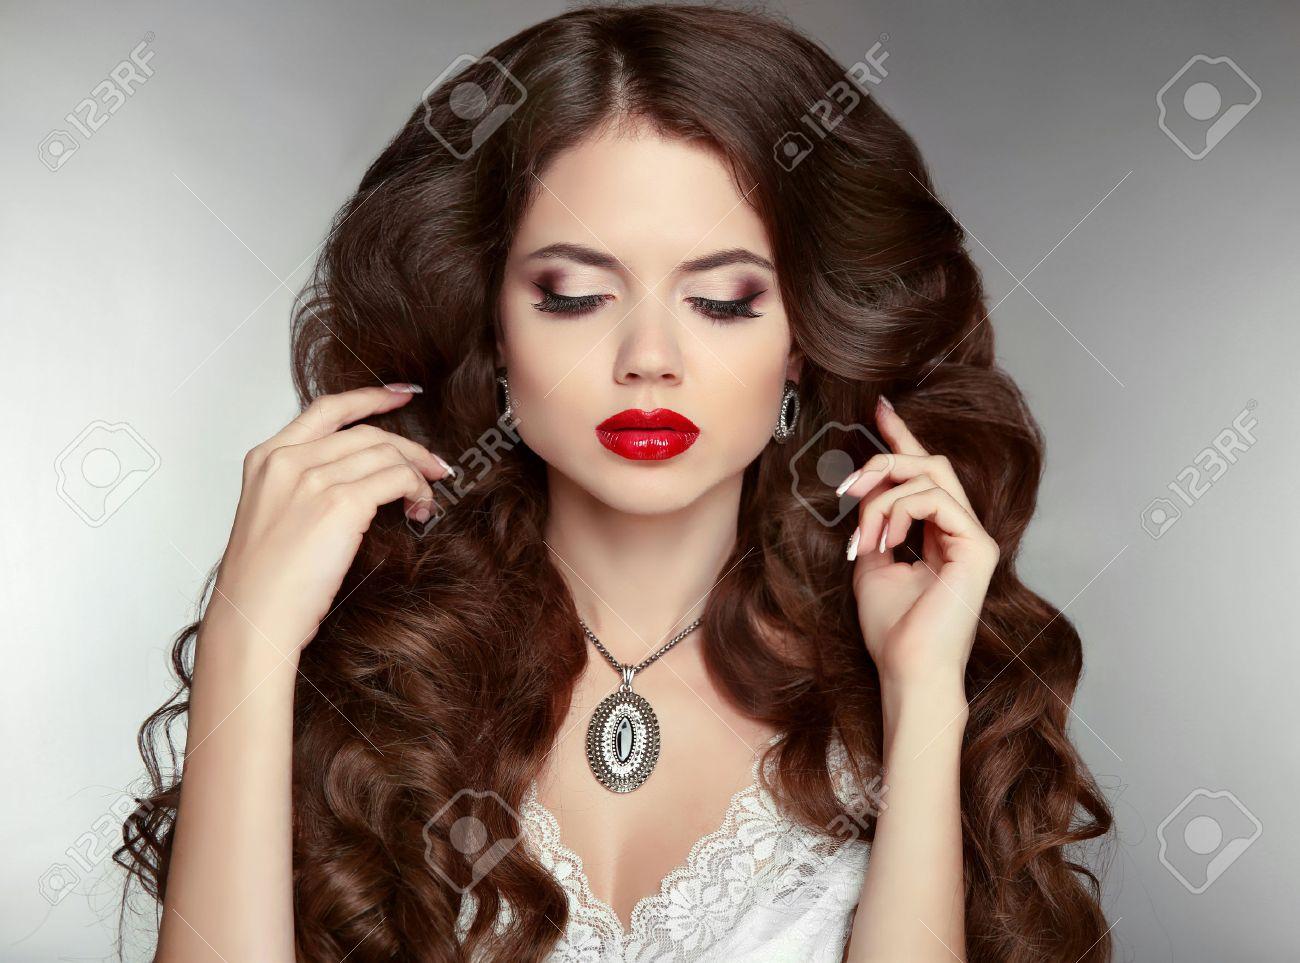 Cabello Largo Maquillaje Mujer Hermosa Con El Peinado Ondulado Y